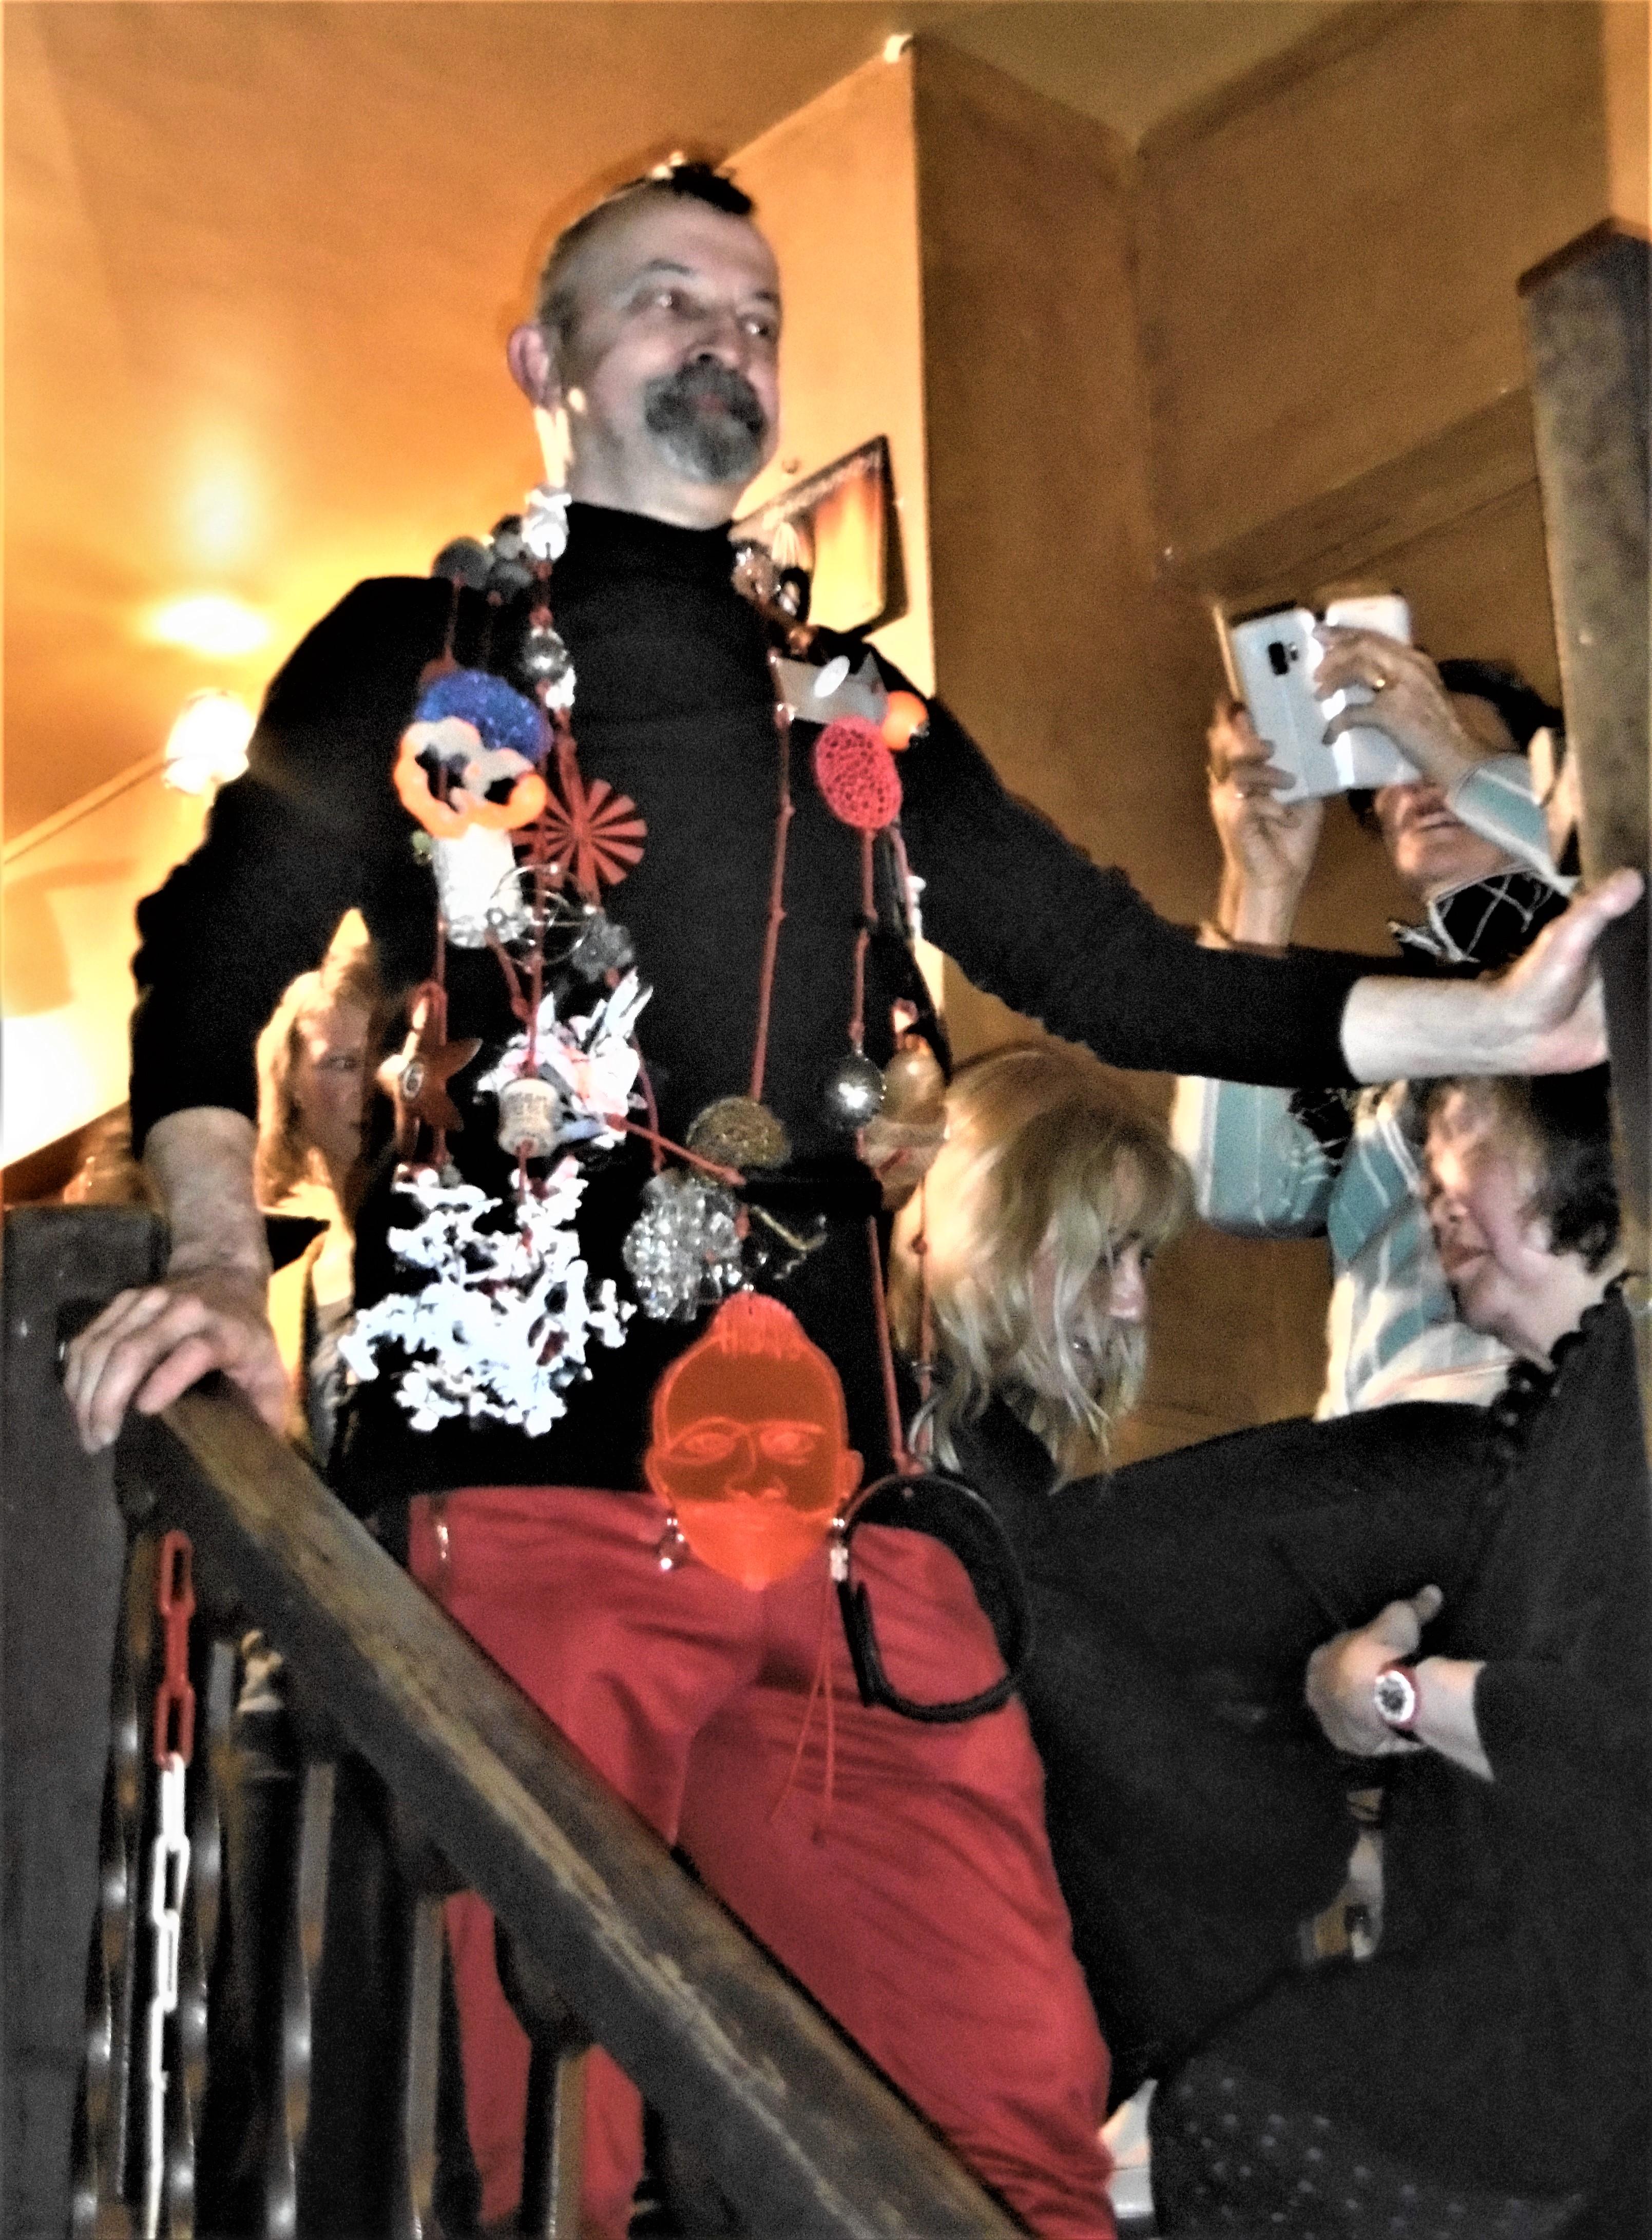 Paul Derrez met halssieraad door de kunstenaars uit Galerie Ra, 20 februari 2020. Foto Lous Martin, portret